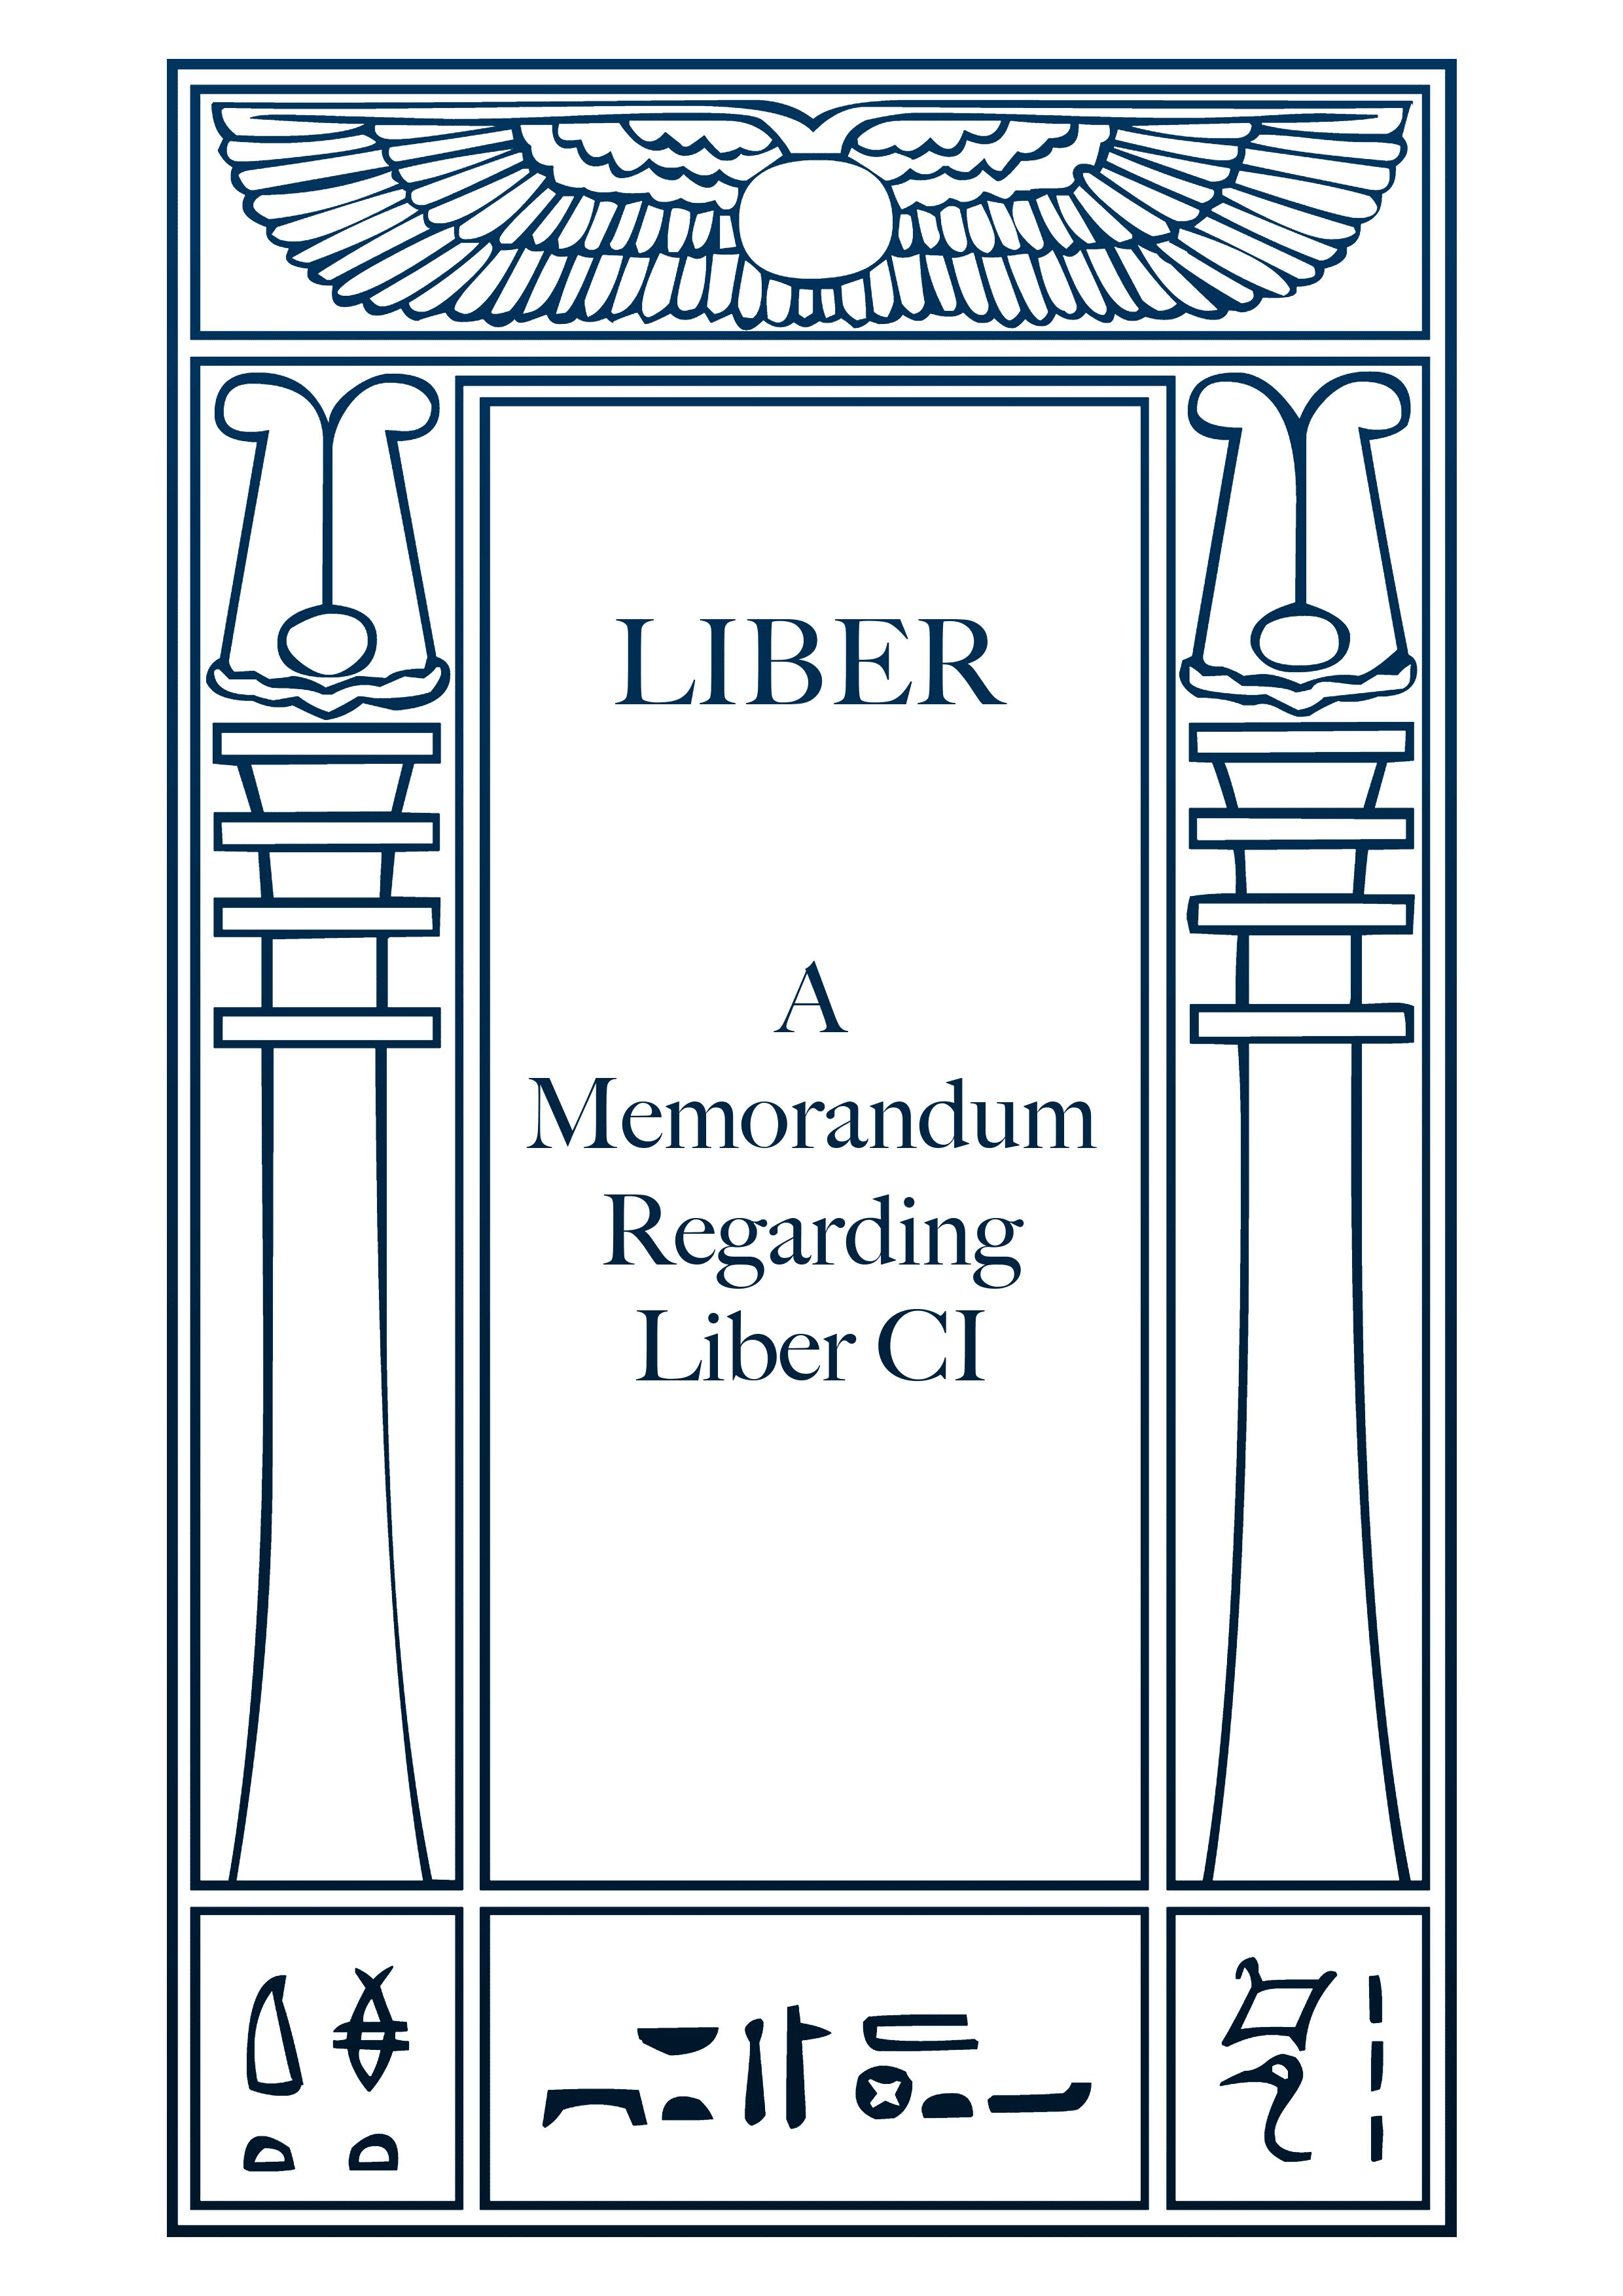 A Memorandum Regarding Liber CI